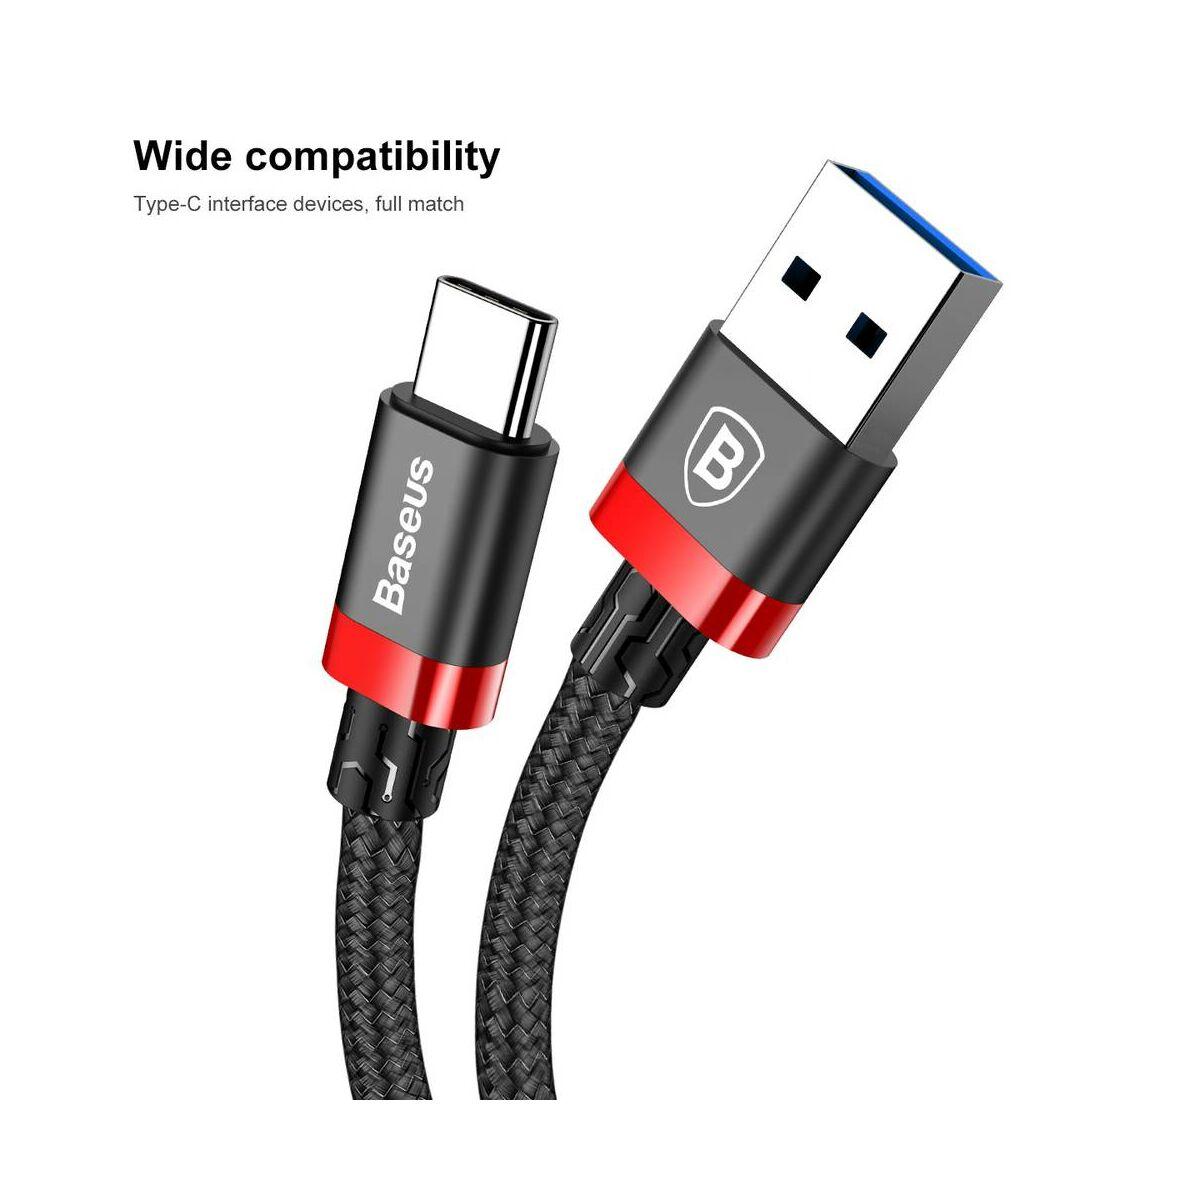 Baseus Type-C kábel, Golden Belt Series prémium USB3.0 kábel, 3A, 1.5m, fekete/piros (CATGB-A19)